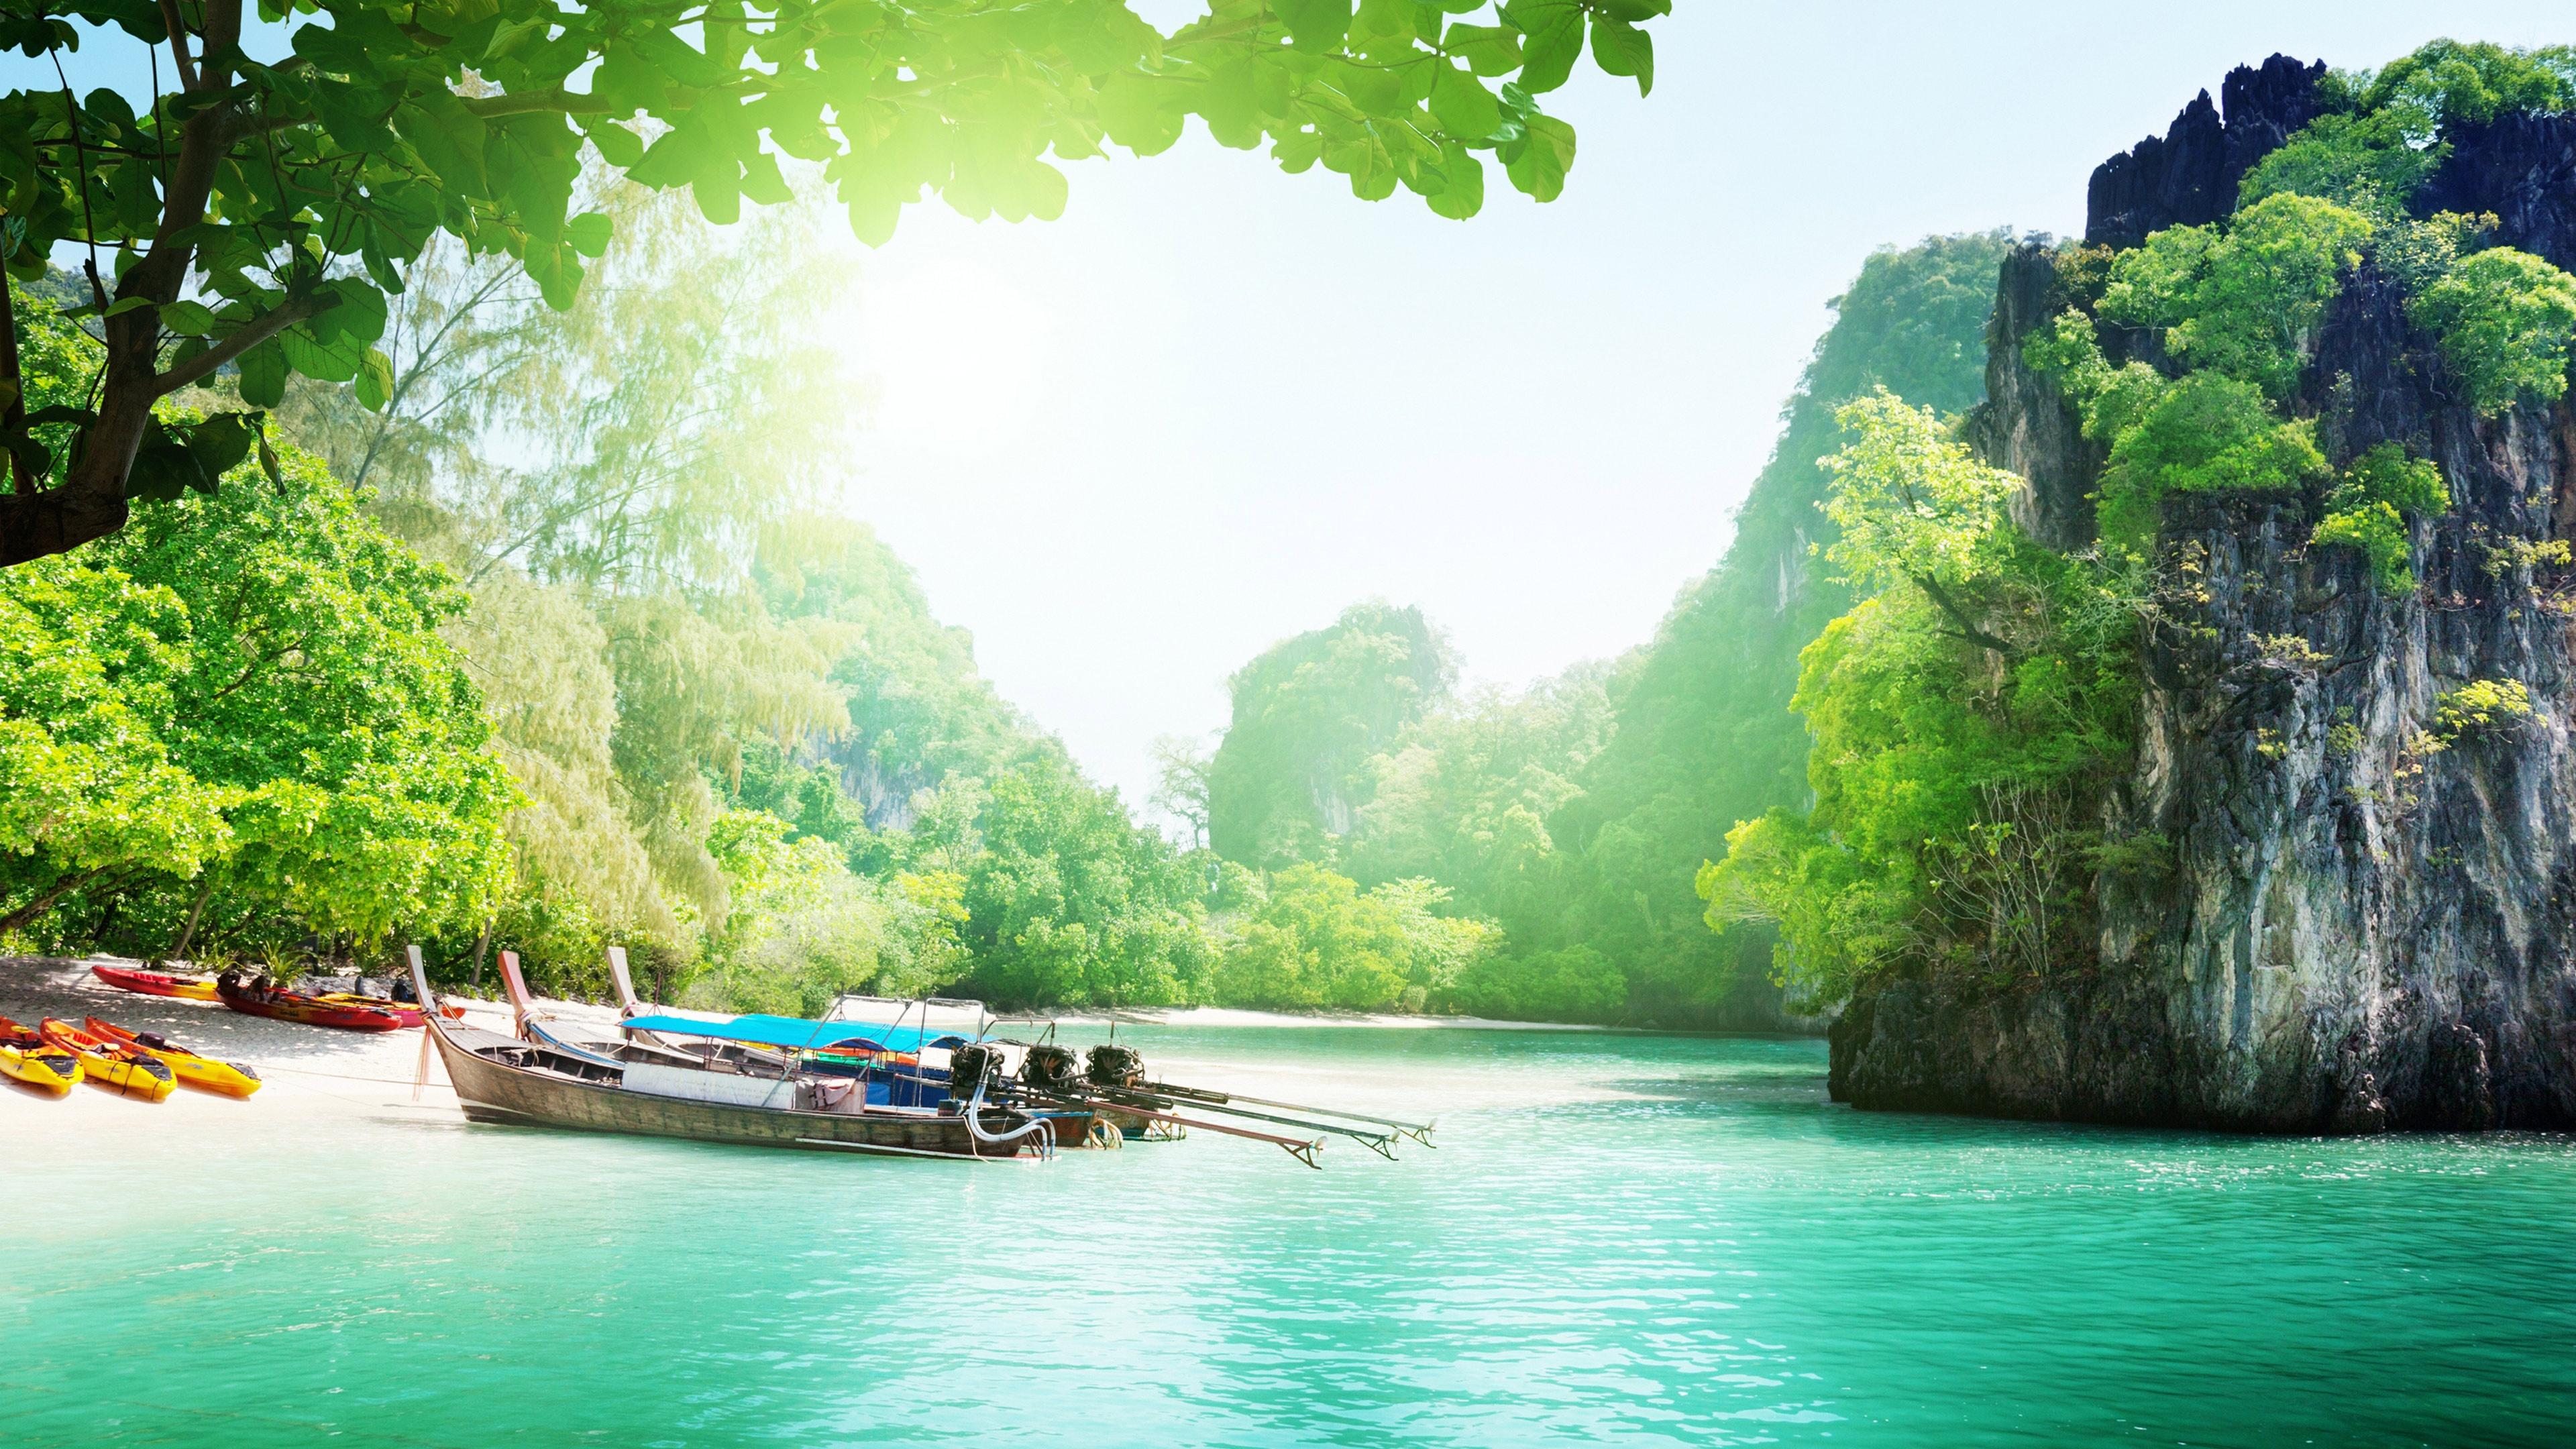 Beautiful Lake Landscape 3840 x 2160 3840x2160